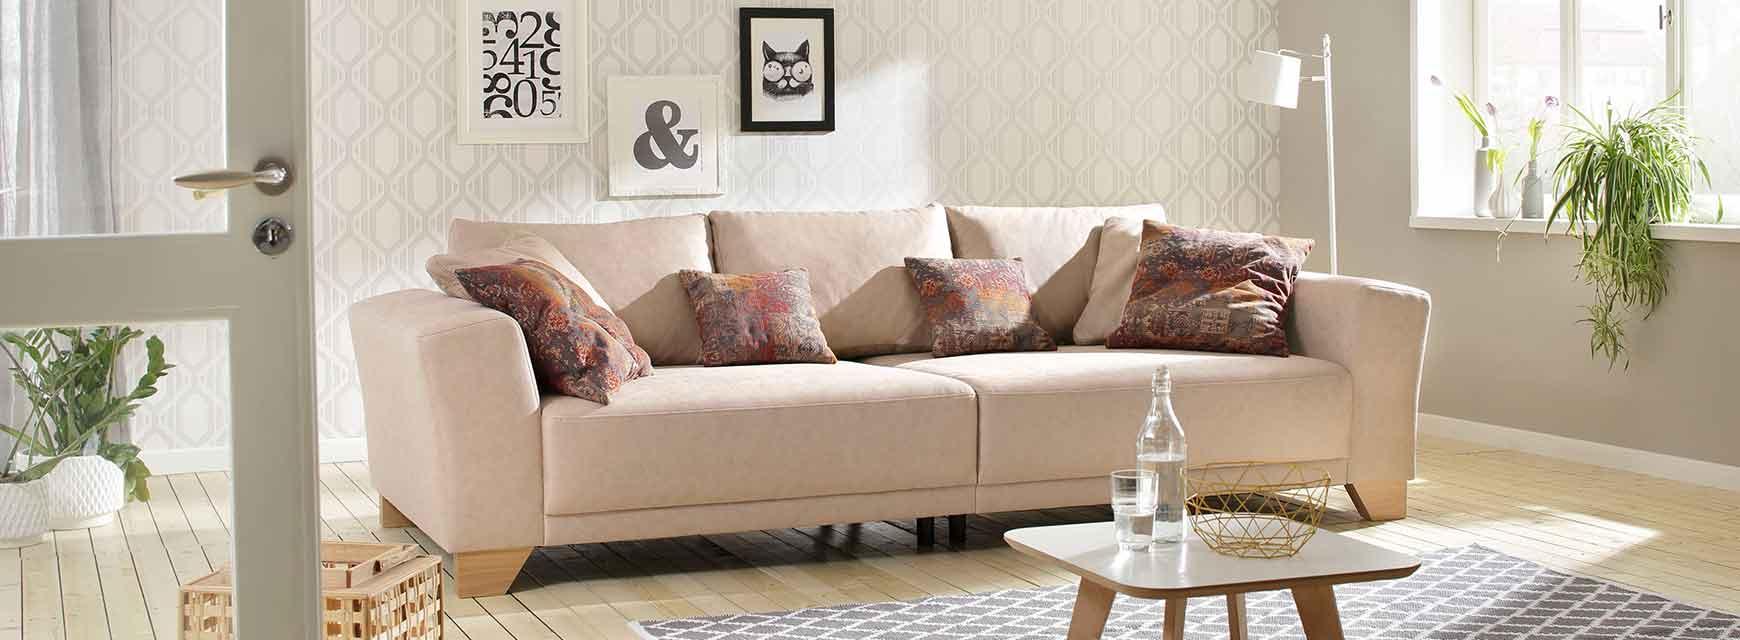 Full Size of Big Sofa Mit Schlaffunktion Landhausstil Landhaus Couch Online Kaufen Naturloftde Abnehmbaren Bezug 2 Sitzer Relaxfunktion Langes Bett Aufbewahrung Ligne Roset Sofa Big Sofa Mit Schlaffunktion